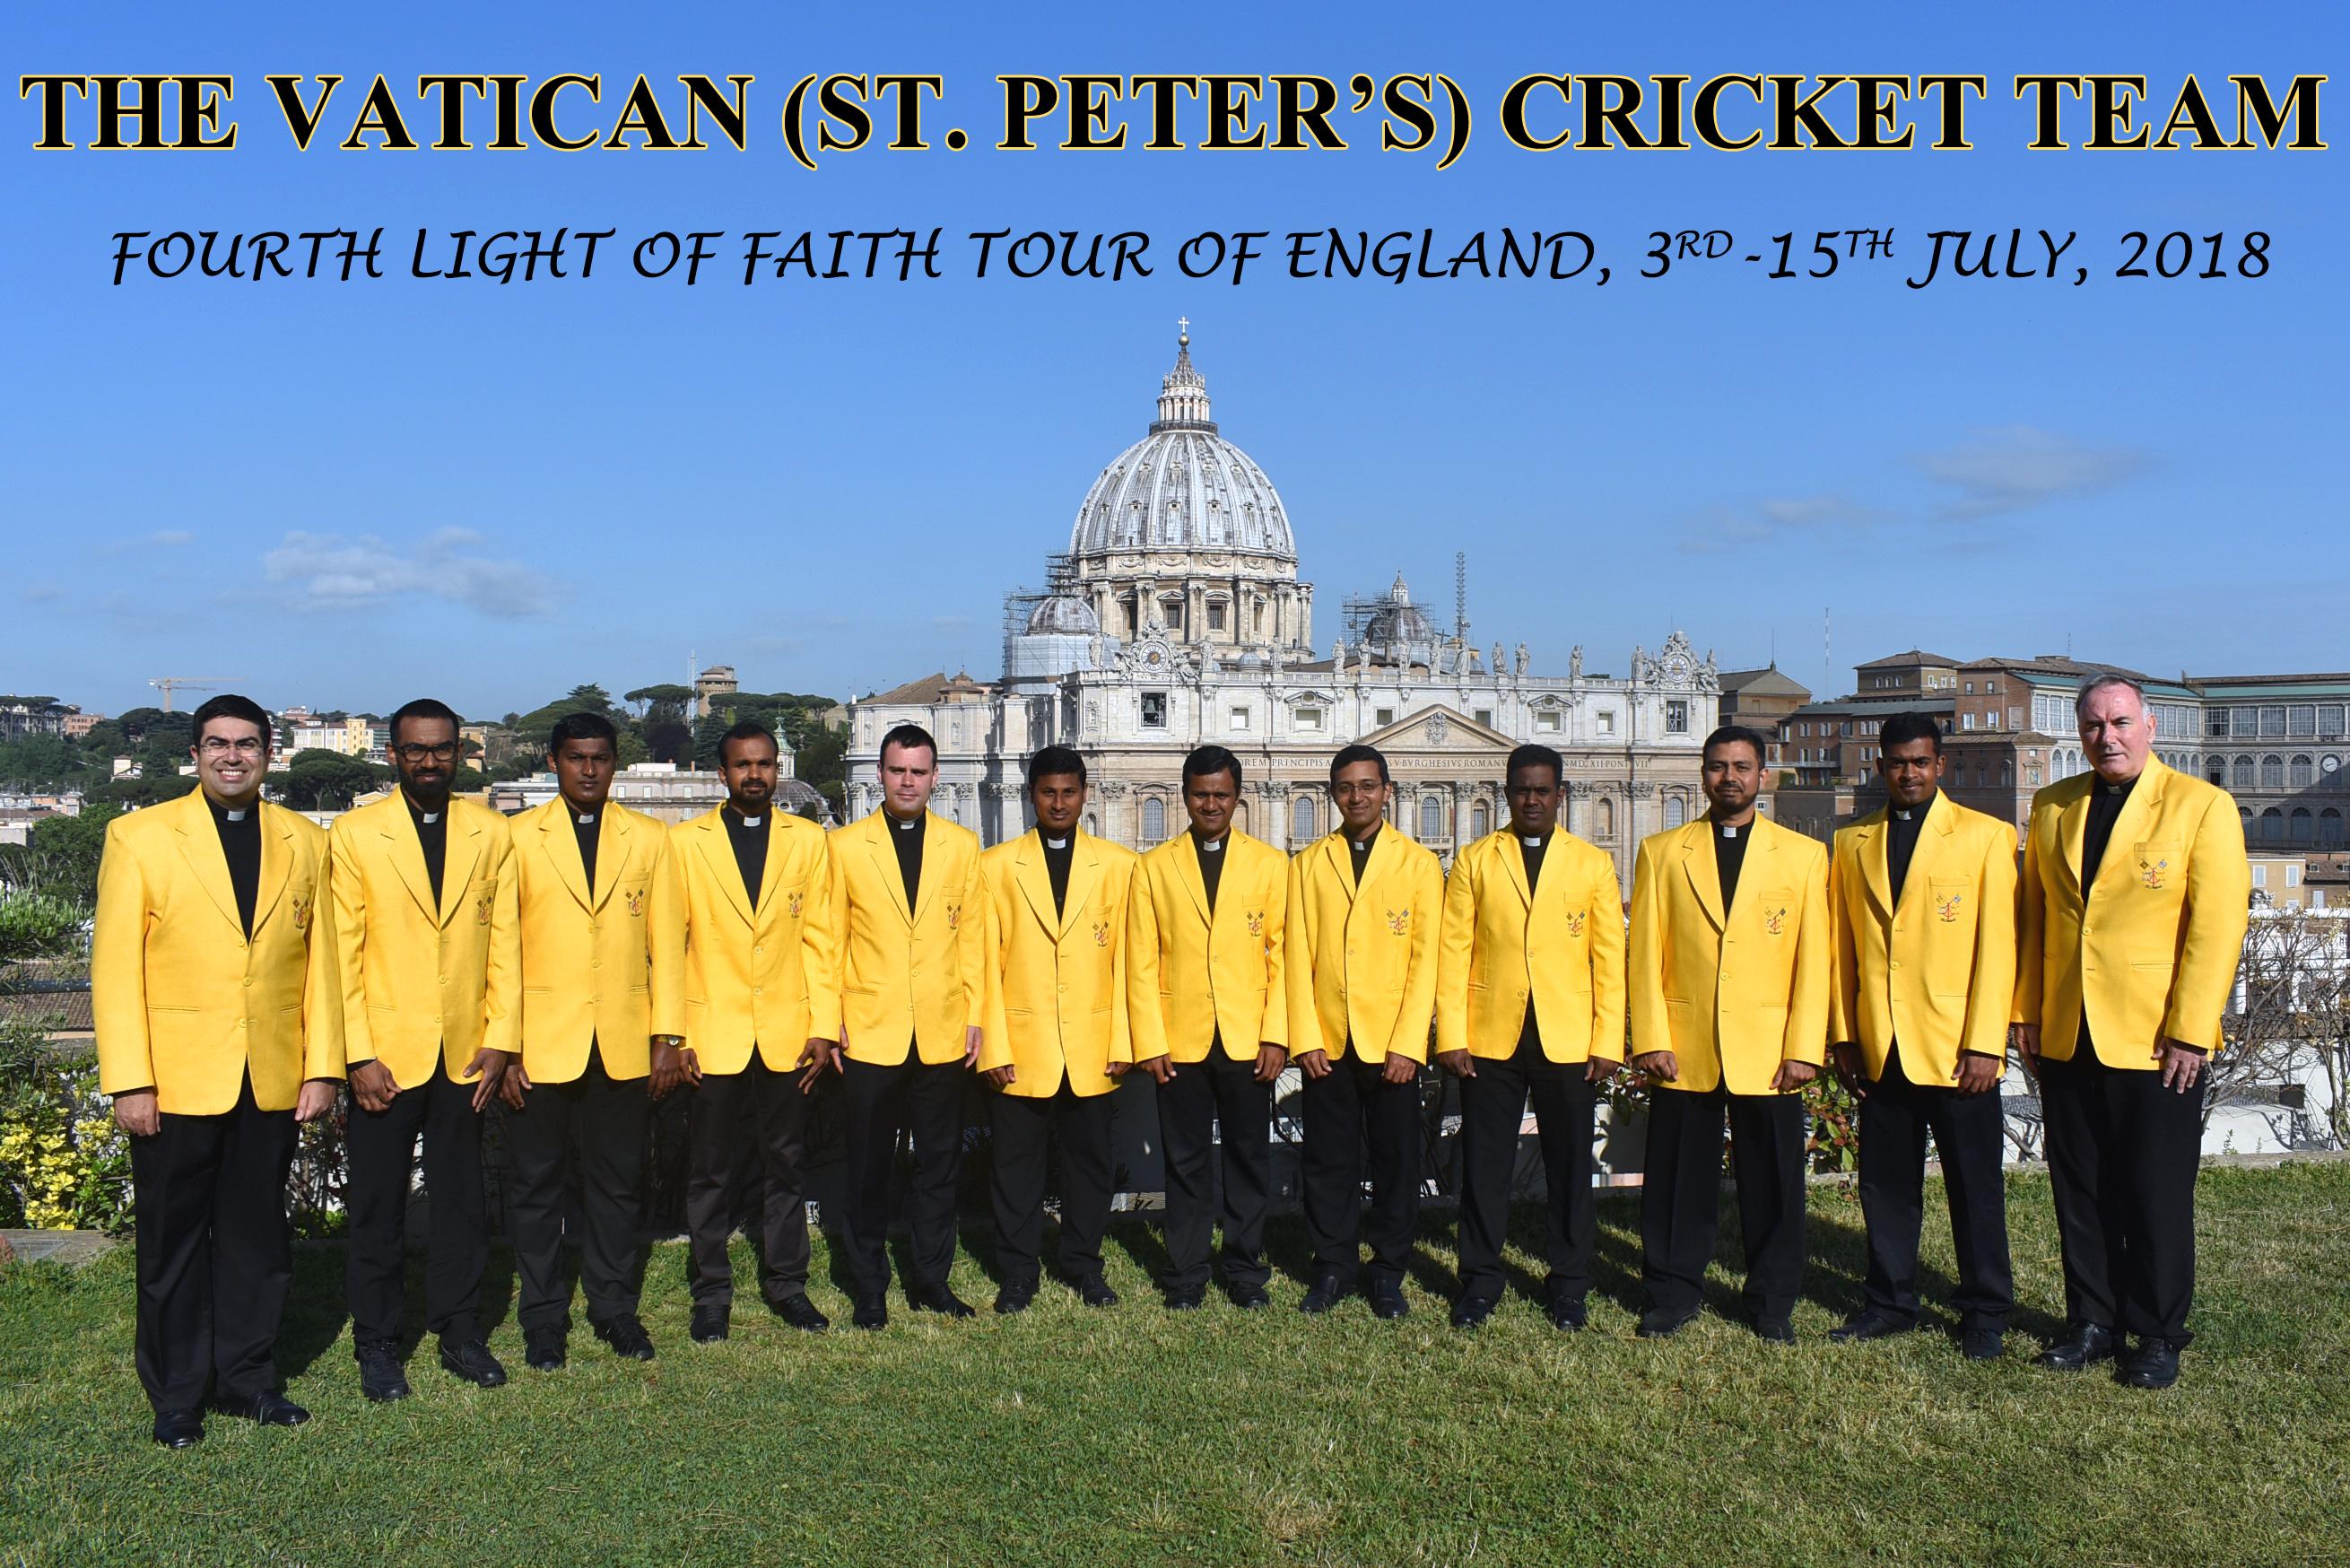 Equipe de cricket du Vatican 2018 @VaticanCricket